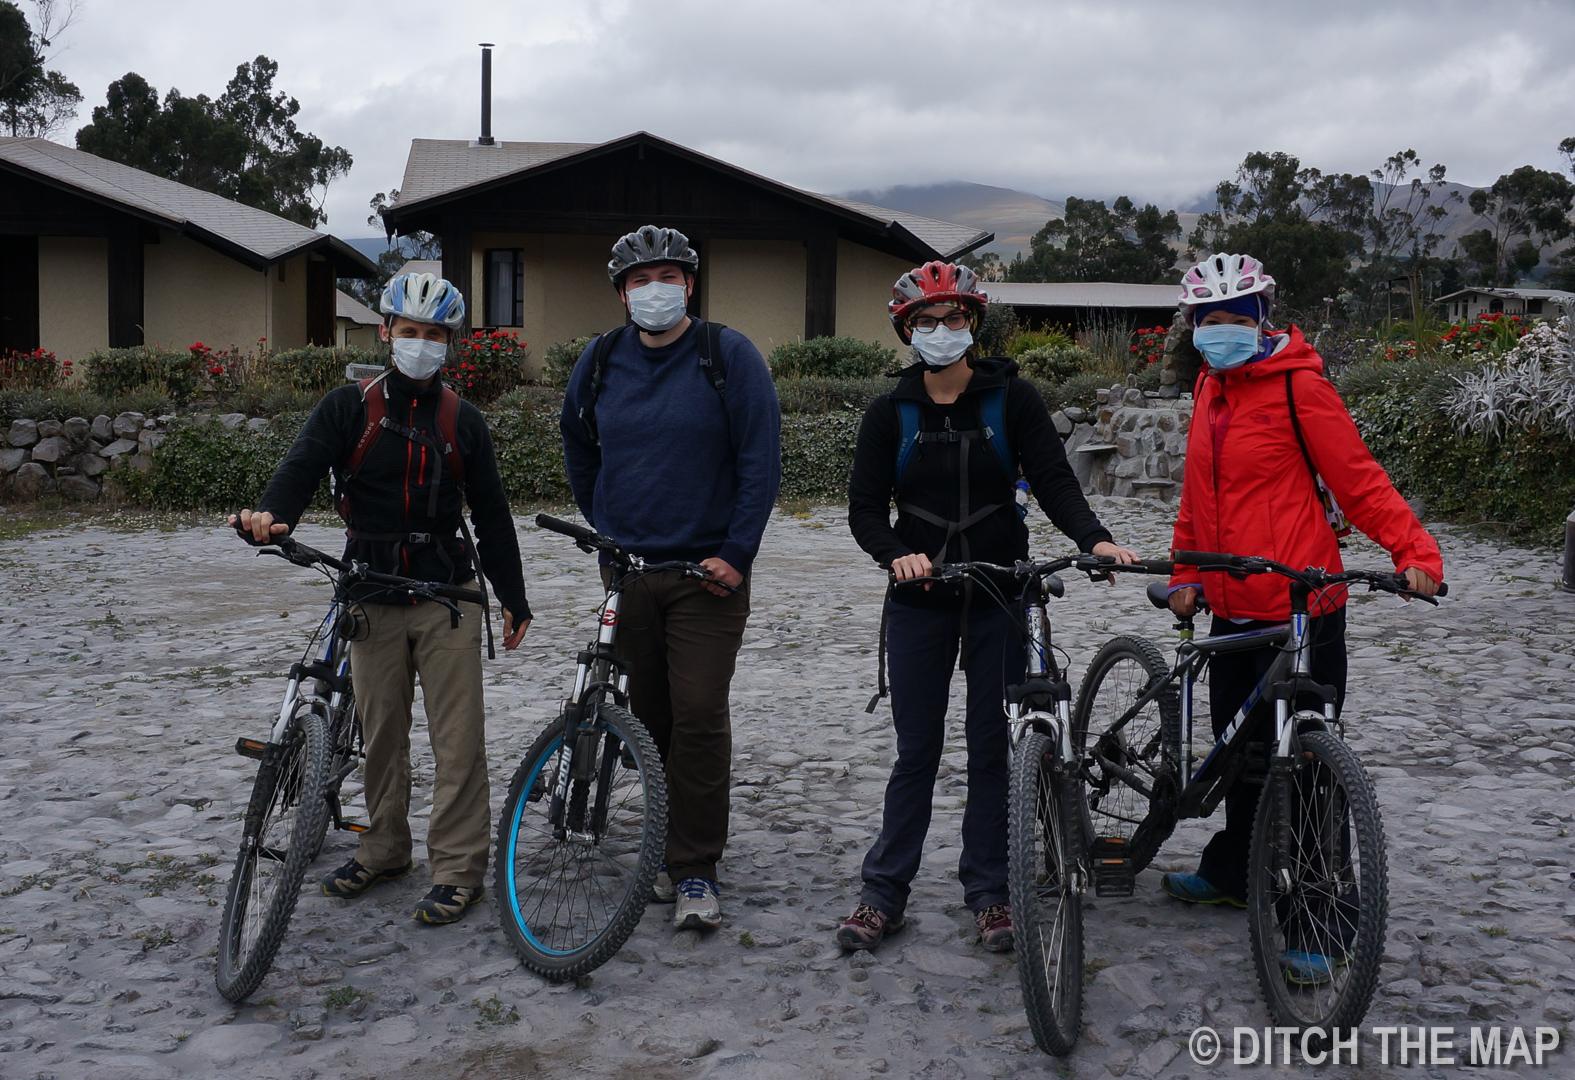 We go mountain biking near the Volcano in Cotopaxi, Ecuador